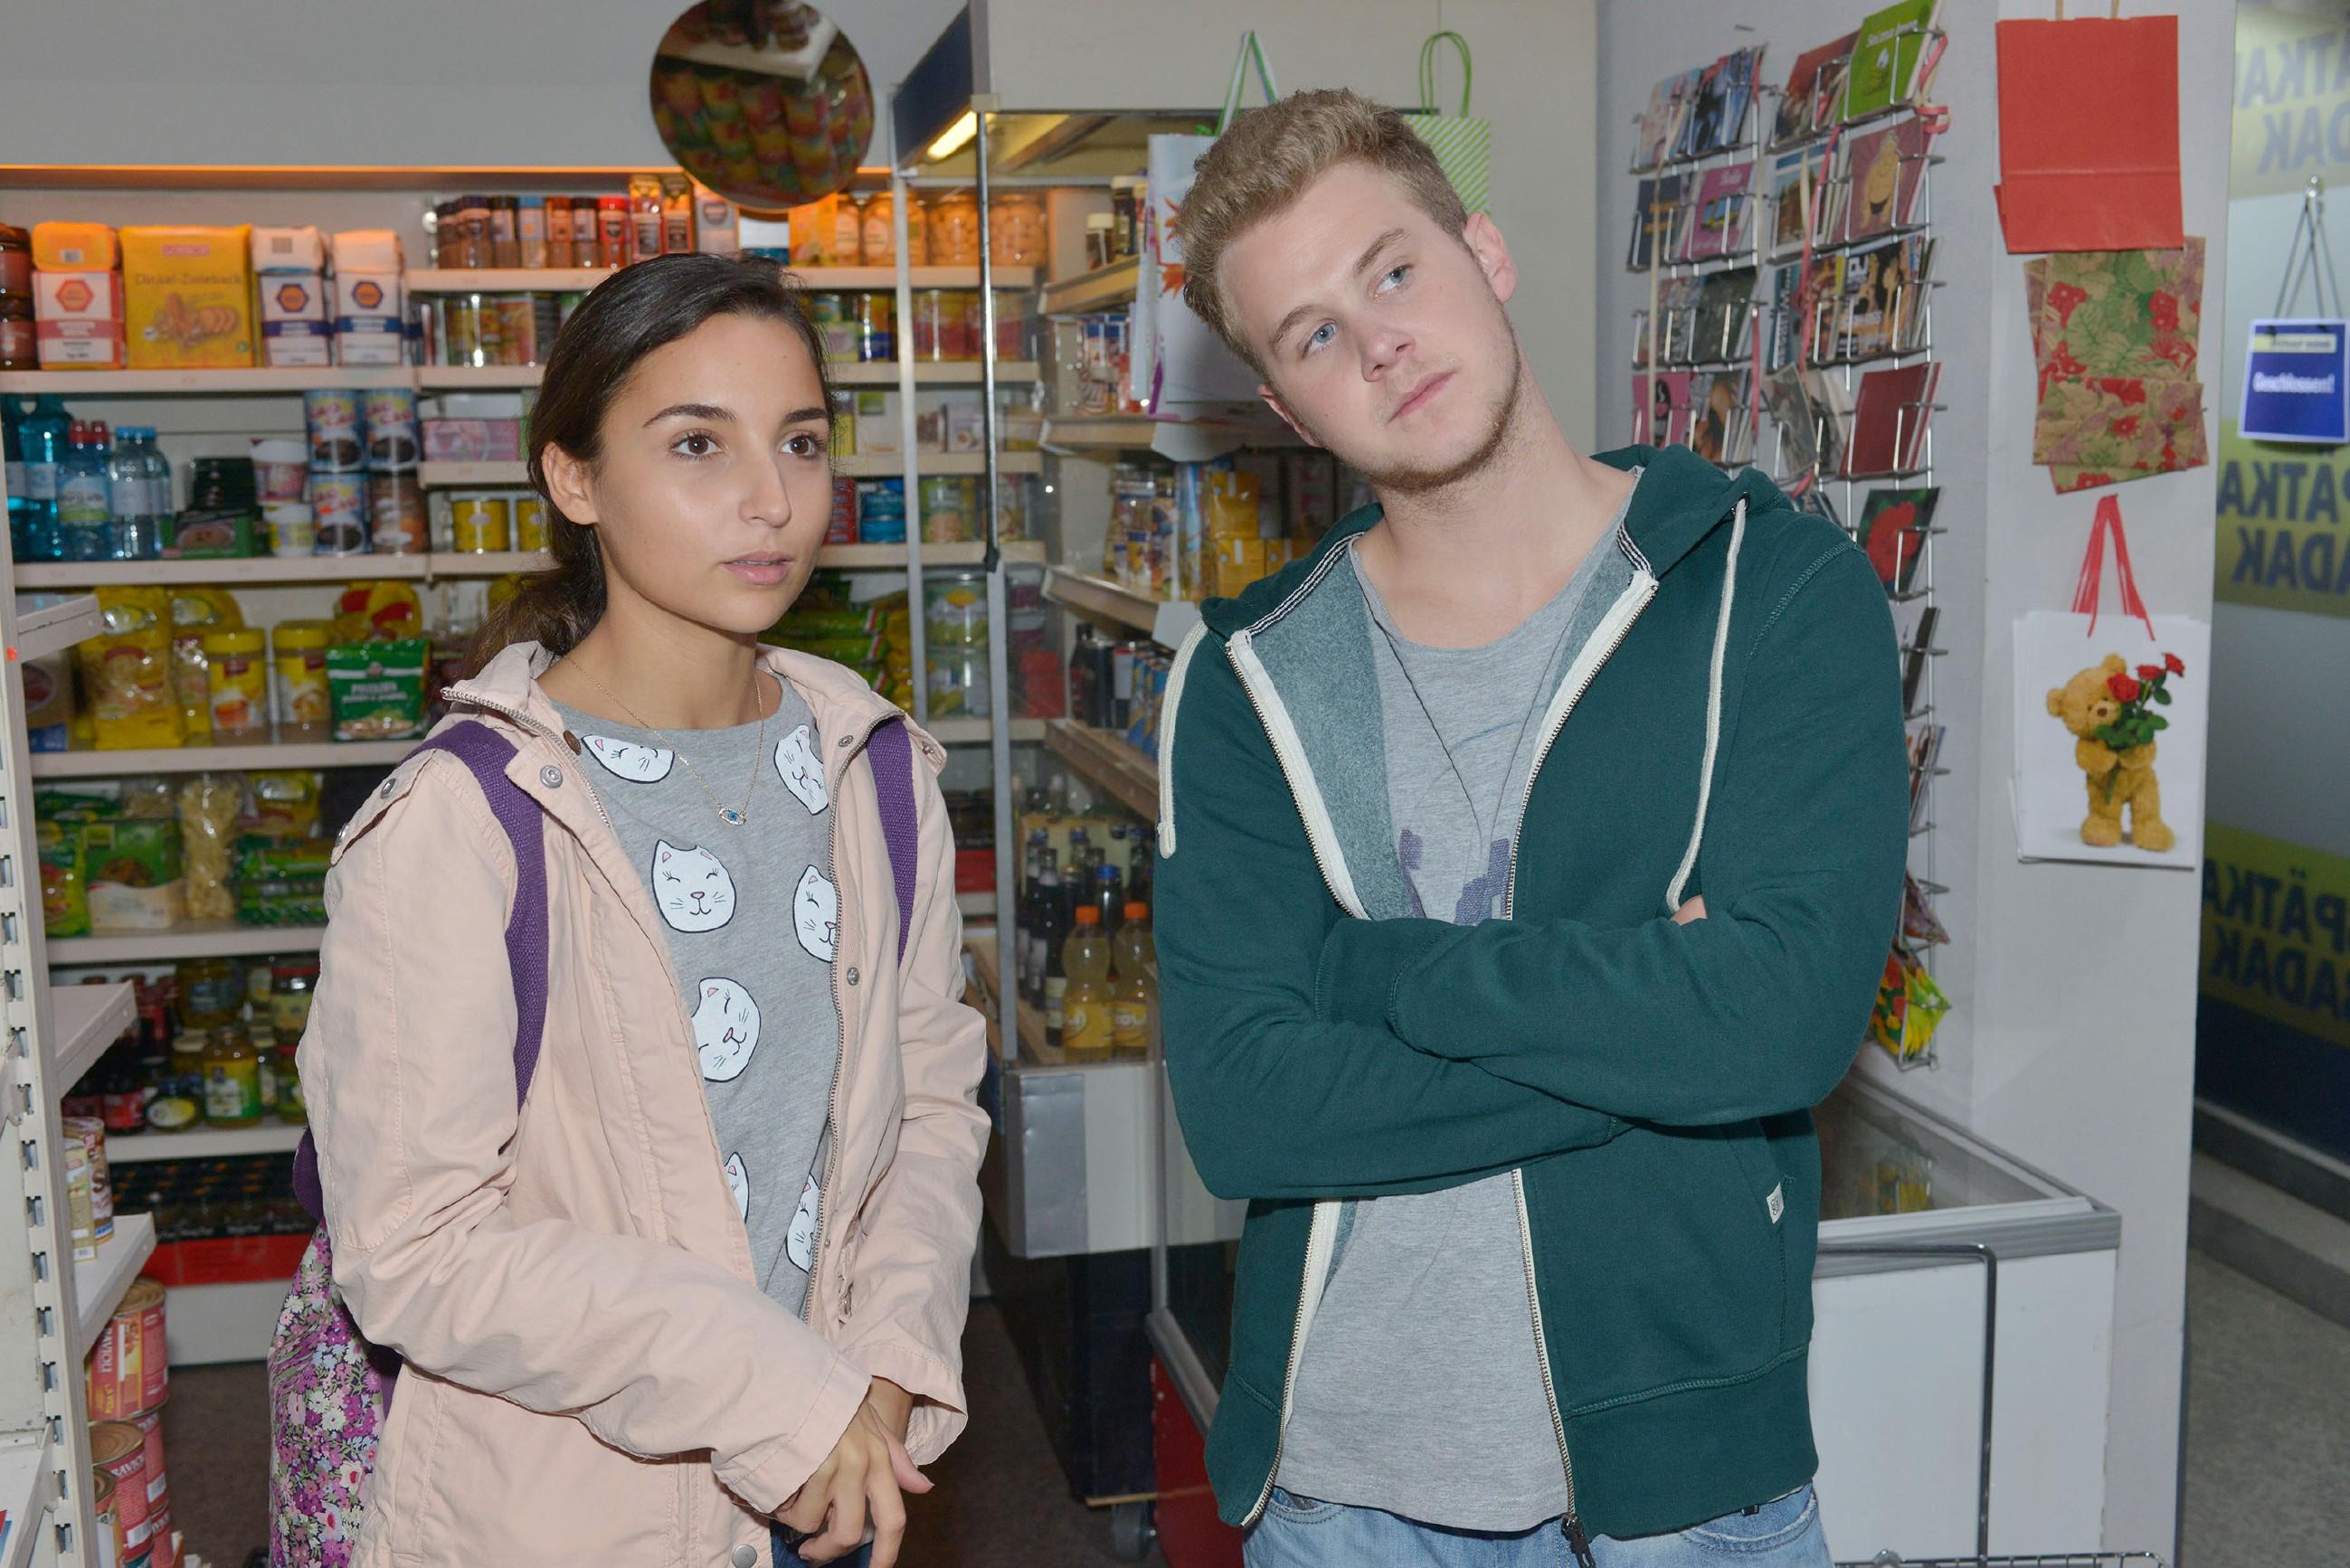 Als Jonas (Felix van Deventer) auf Selma (Rona Özkan) trifft, beginnt gerade die TV Sendung von Chris und der Demo.